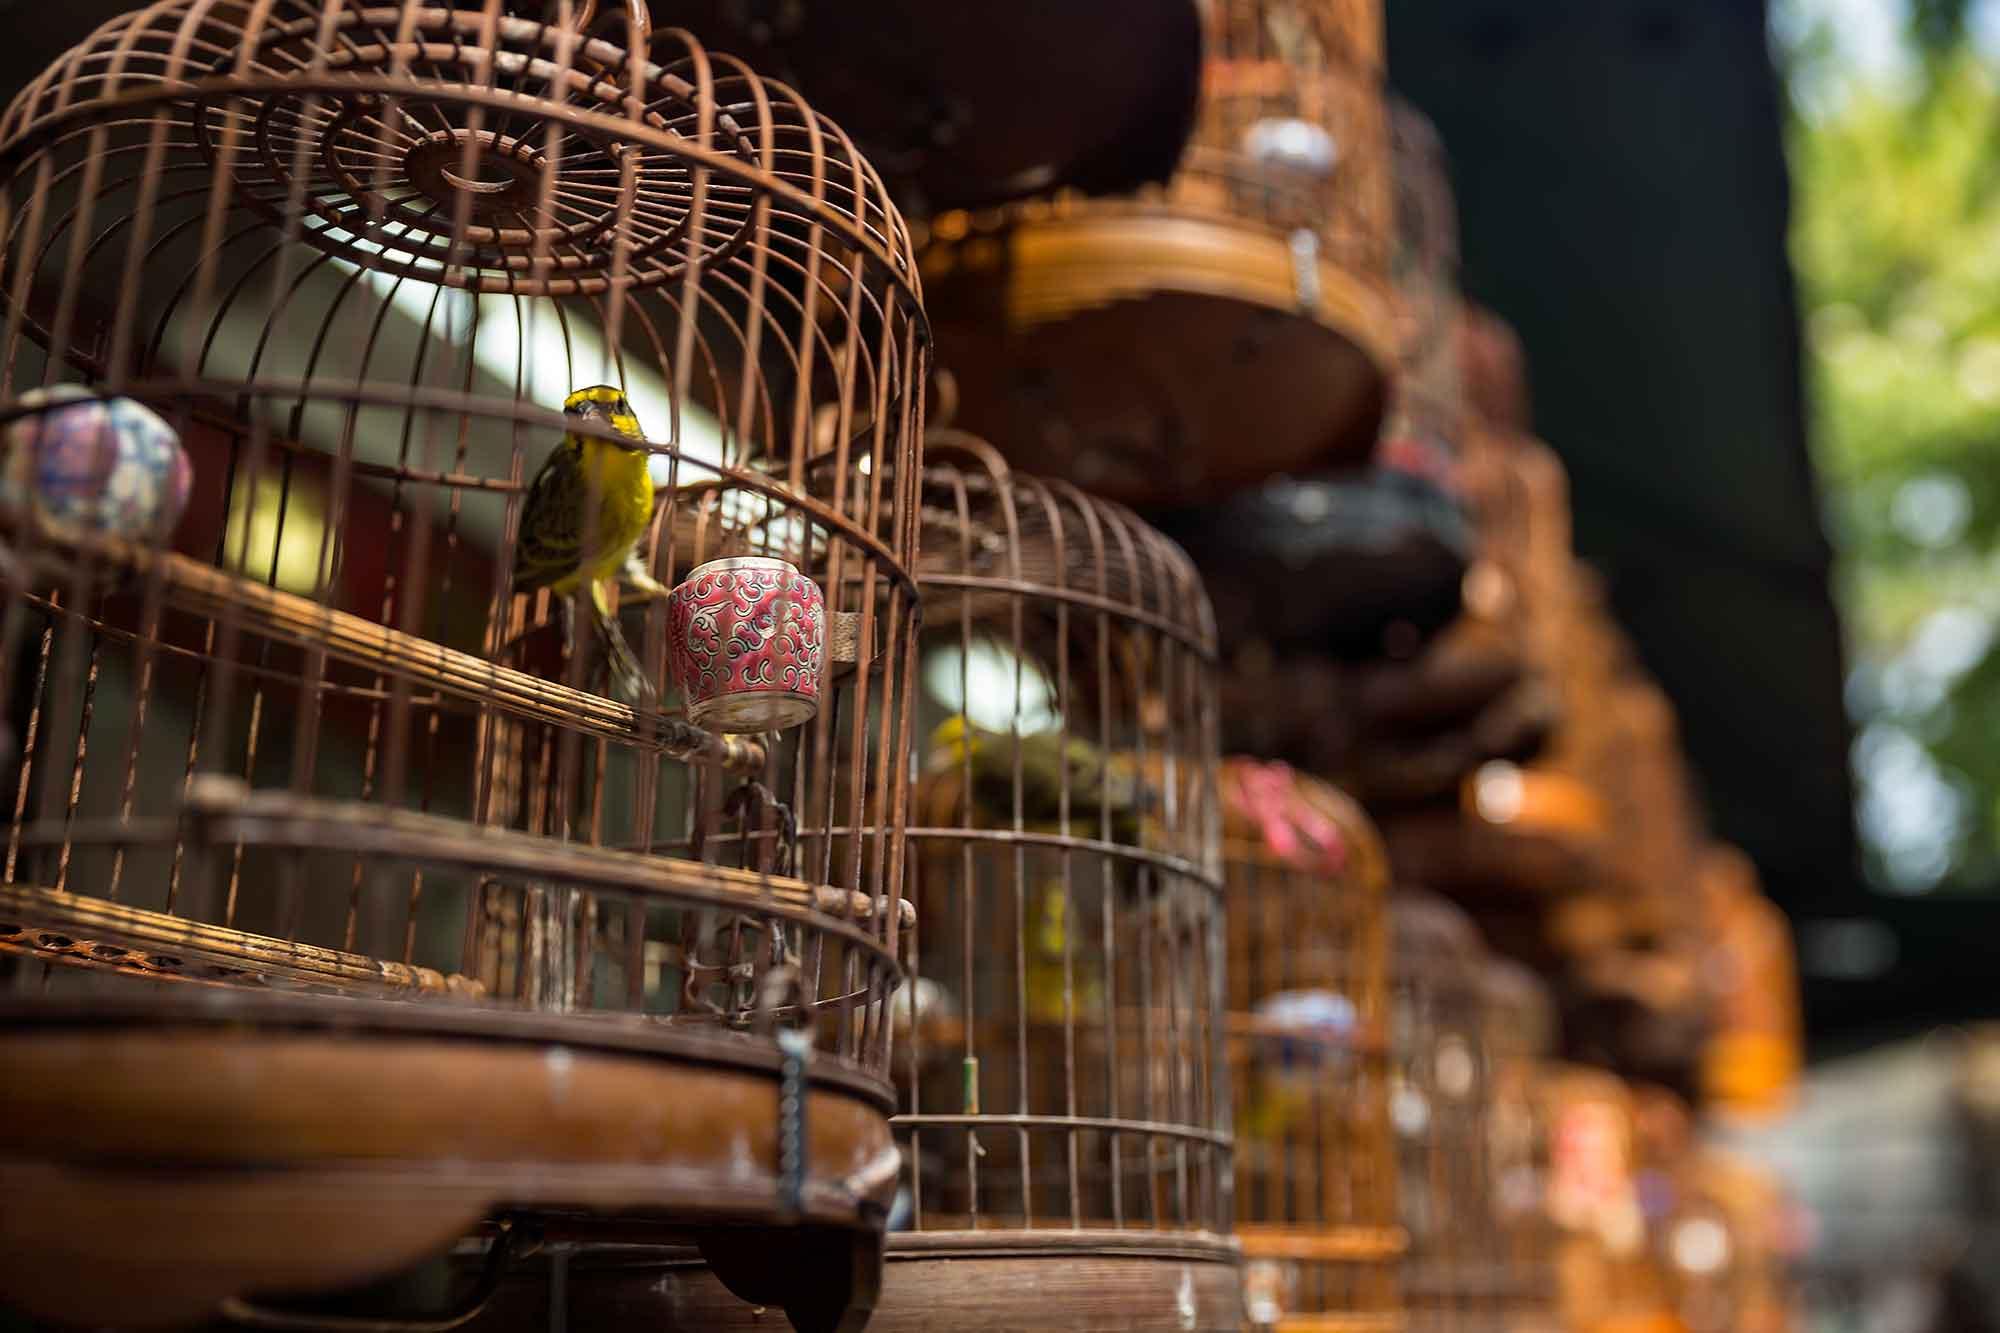 At the bird market in Mong Kok, Hong Kong. © Ulli Maier & Nisa Maier